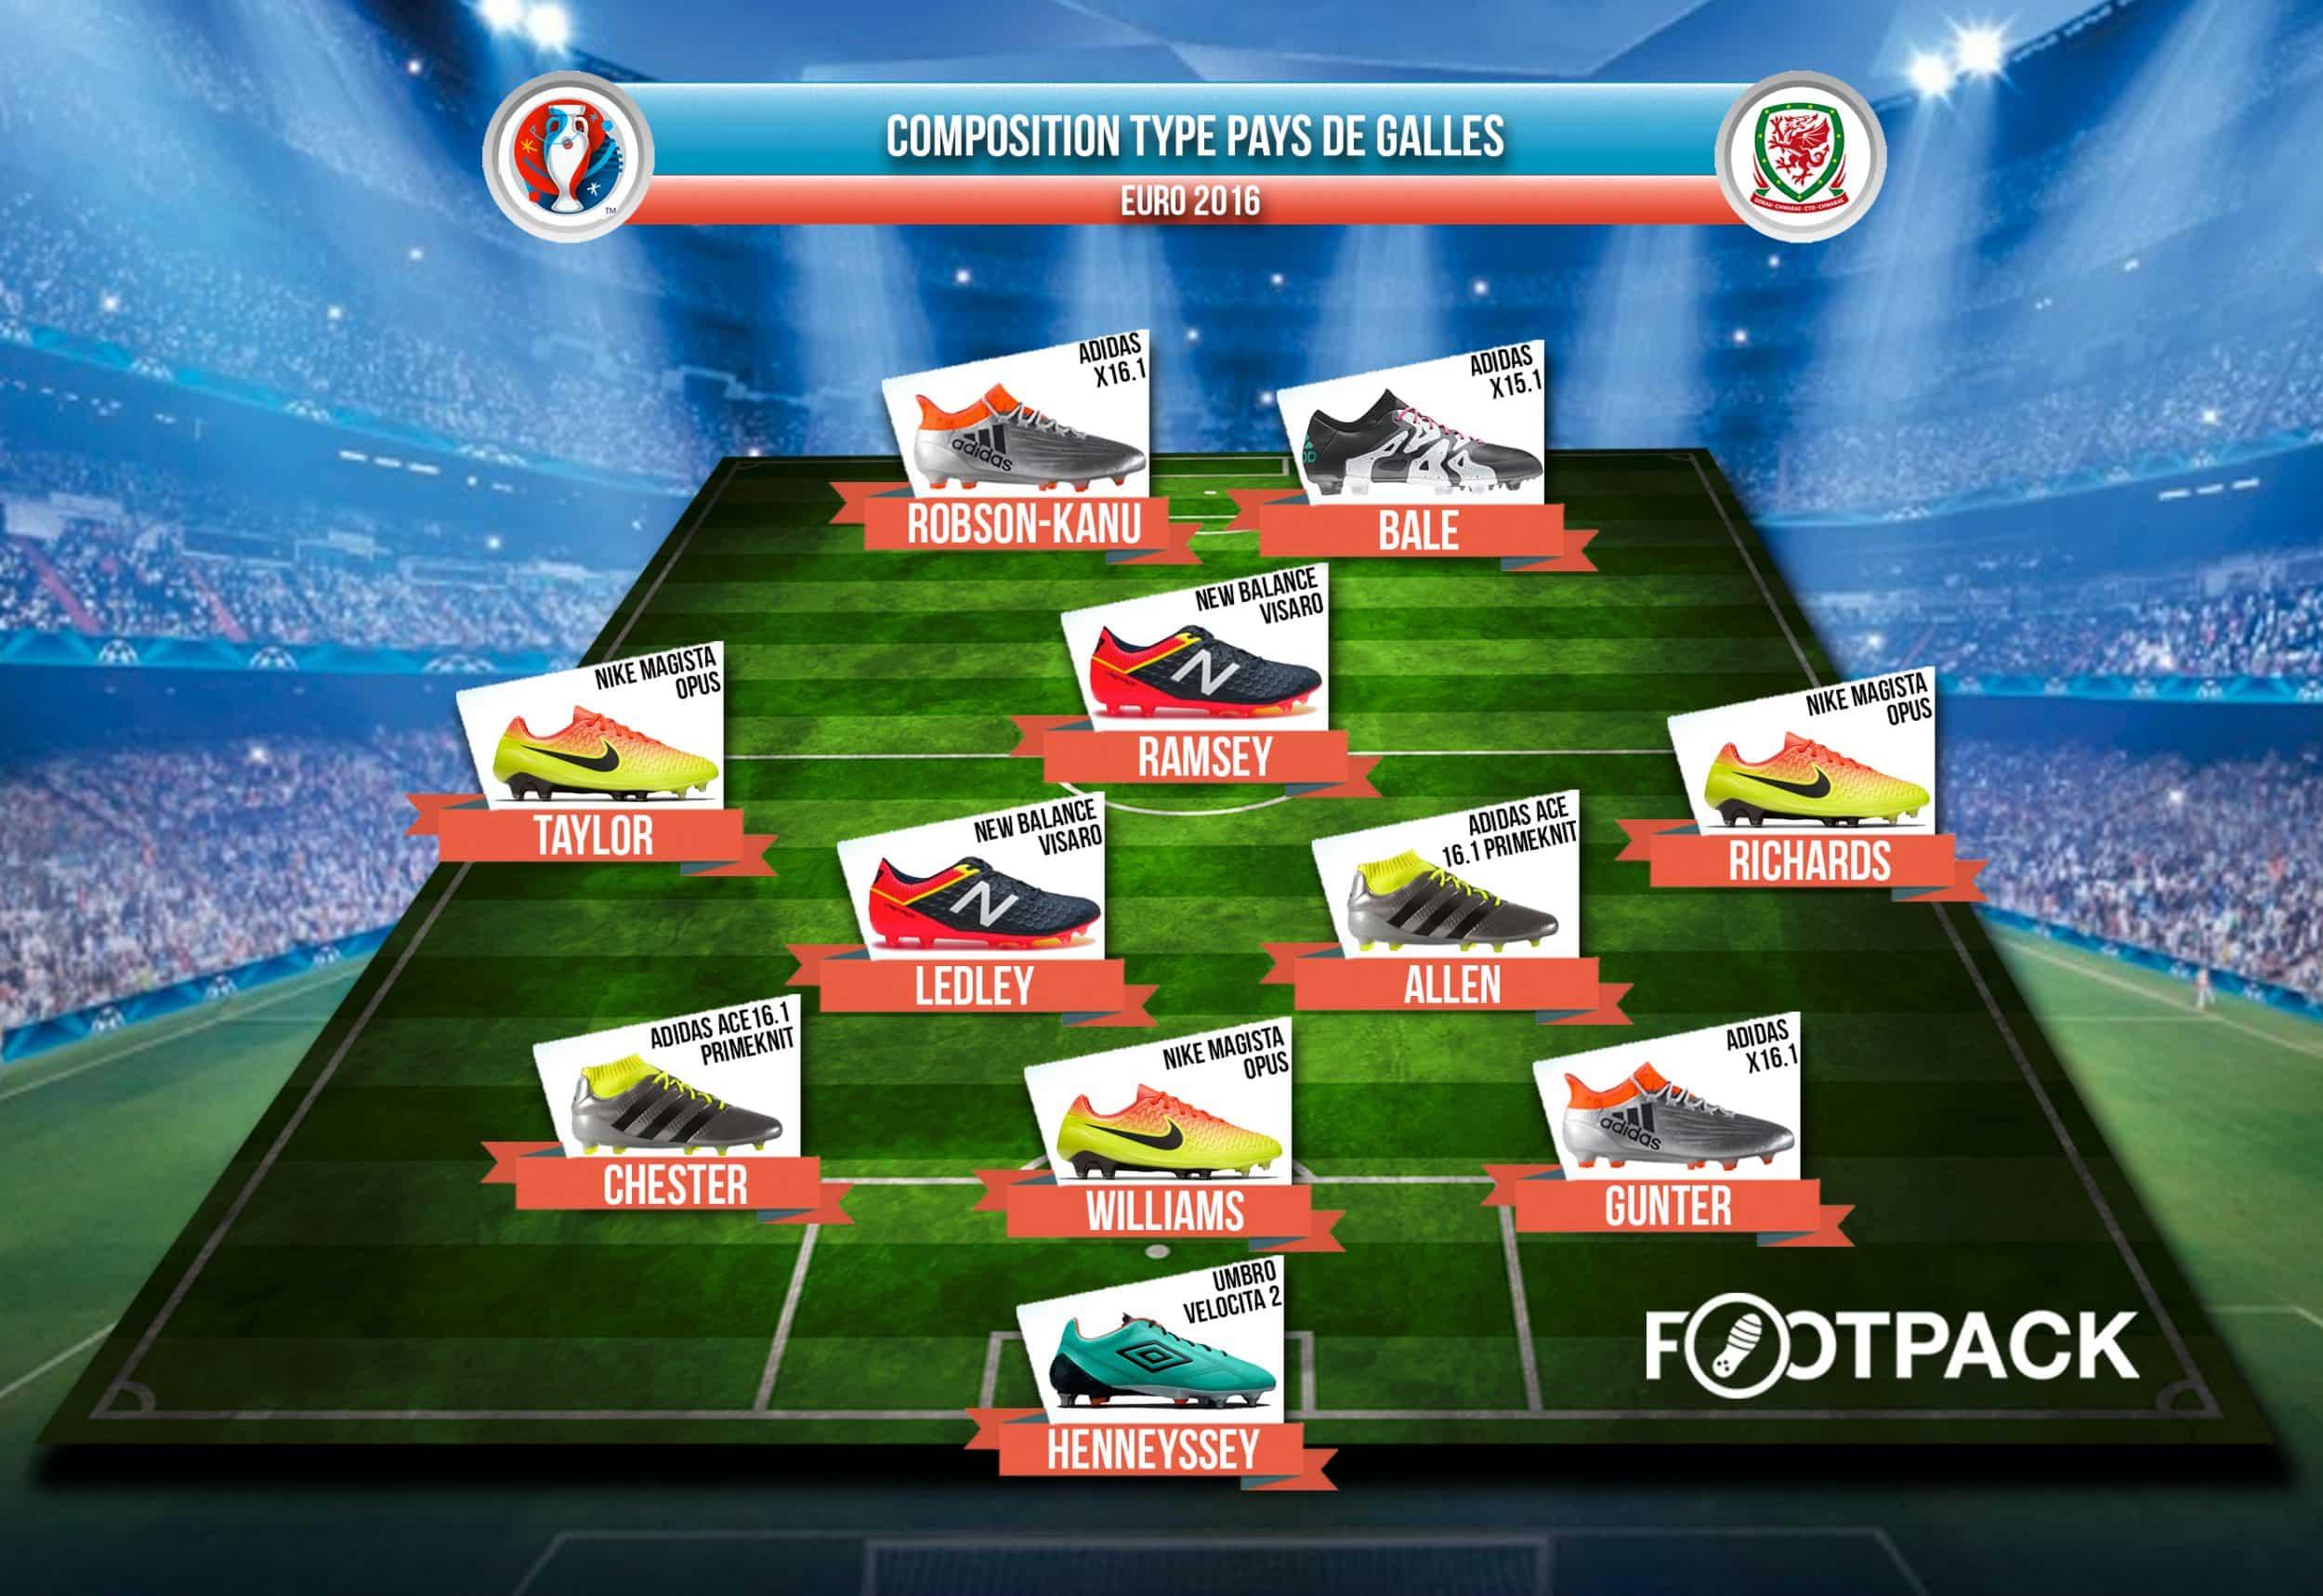 equipe-type-Pays-de-Galles-Euro-2016